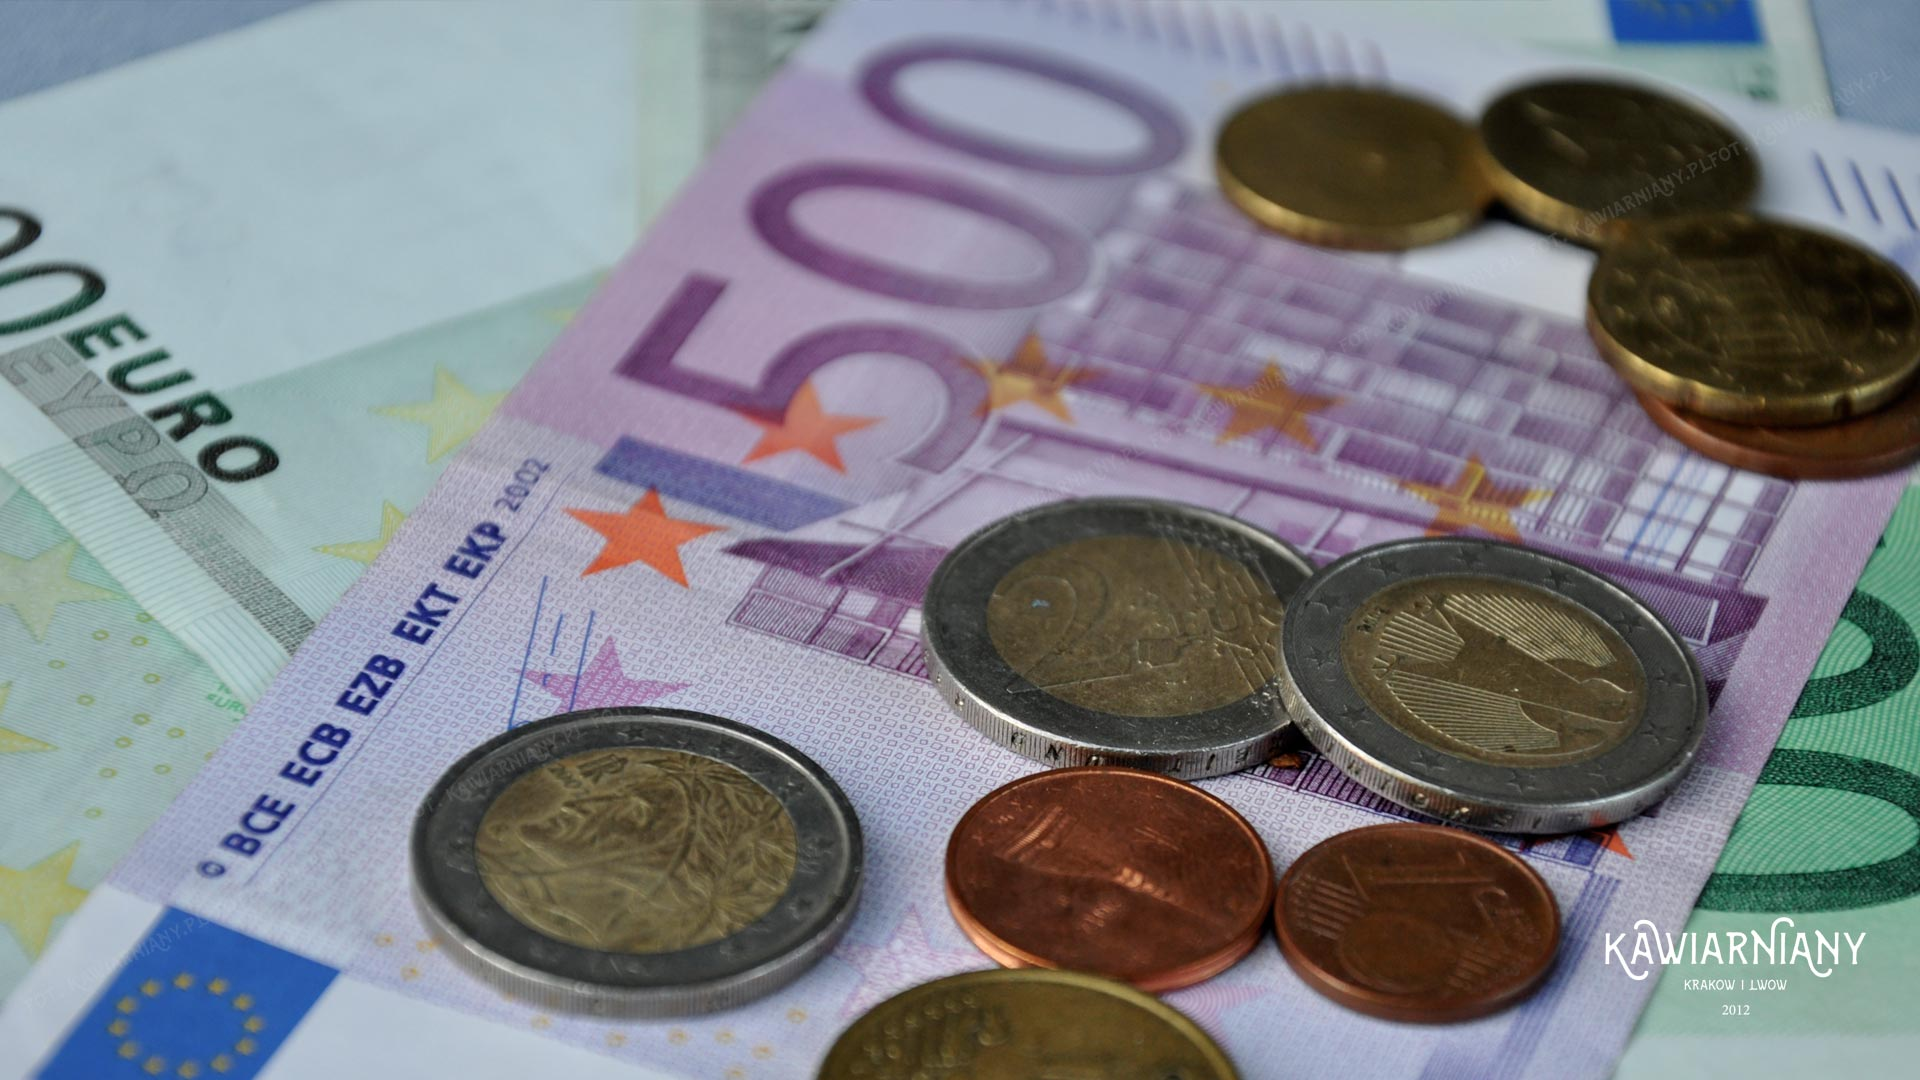 Ceny w Austrii, ceny w Wiedniu – ceny paliw, ceny kawy, ceny w sklepach 2019